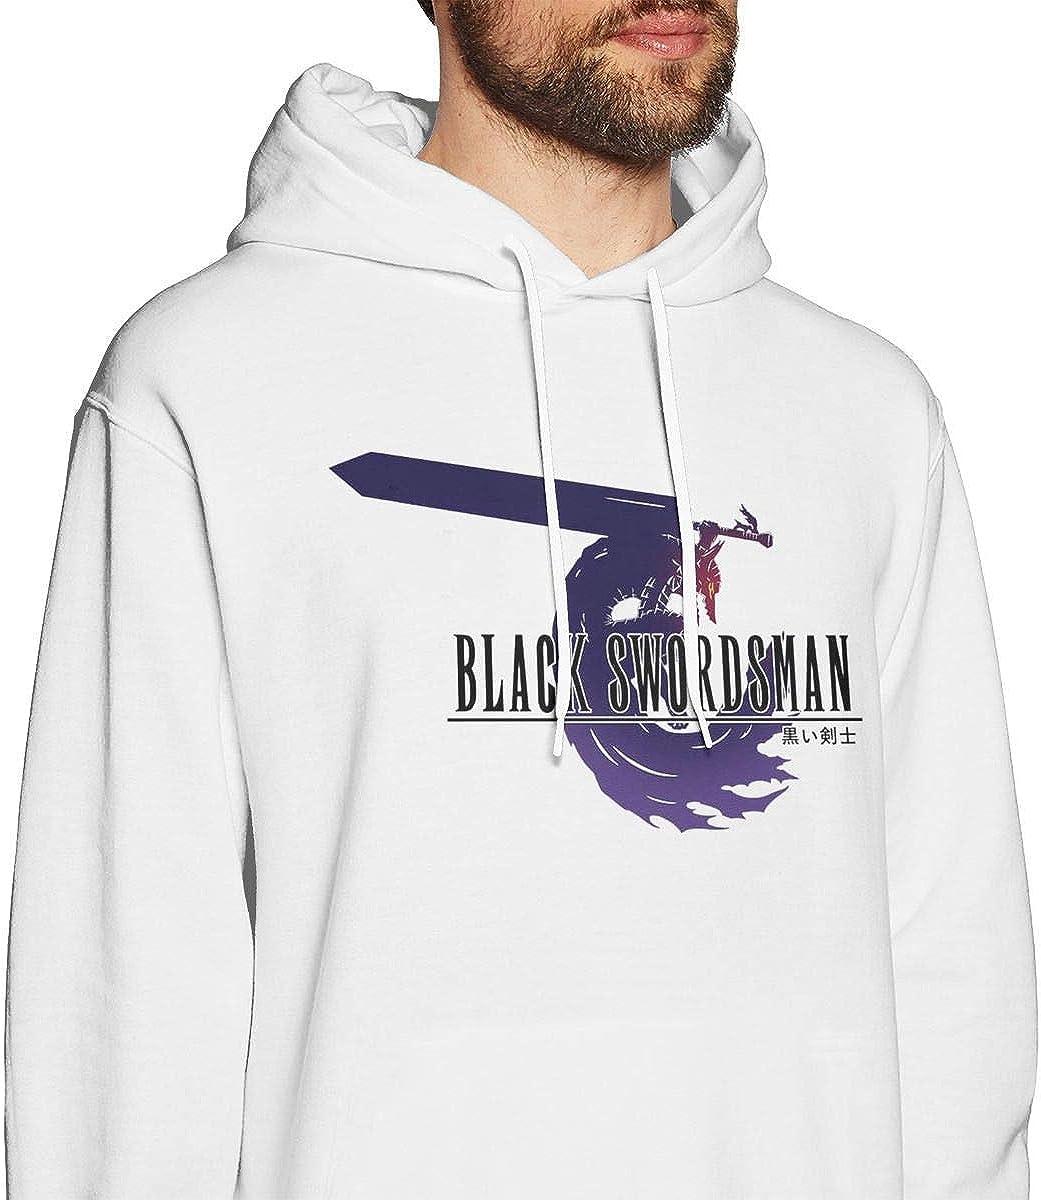 shotngwu Berserk Guts Black Swordsman Mens Pullover Hoodies Crewneck Long Sleeve Sweatshirt White Small|style1